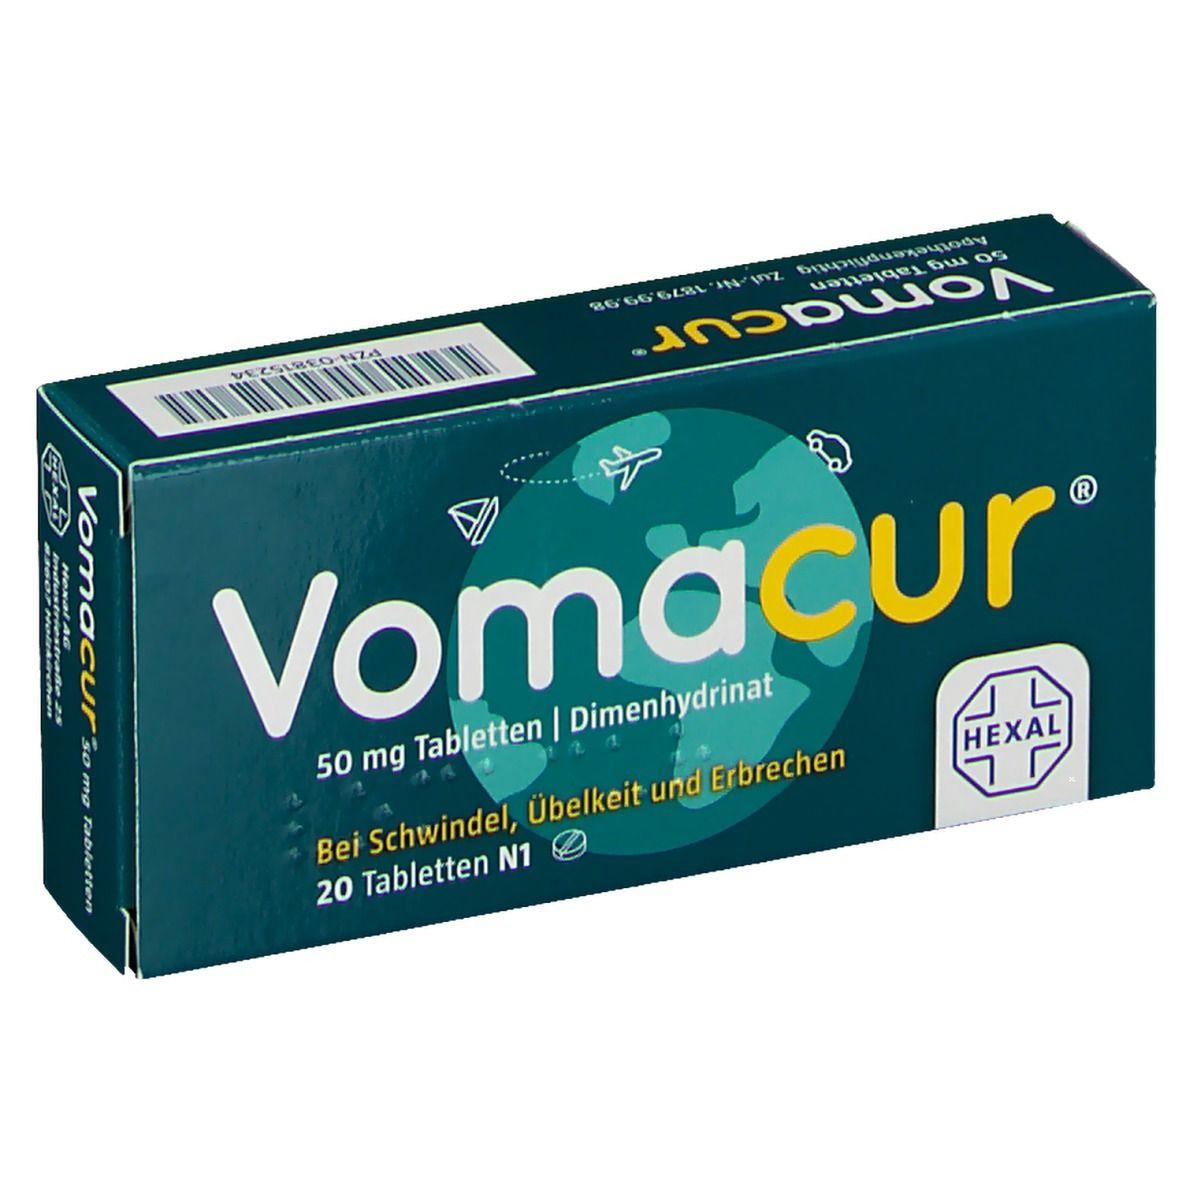 Vomacur® 50 mg